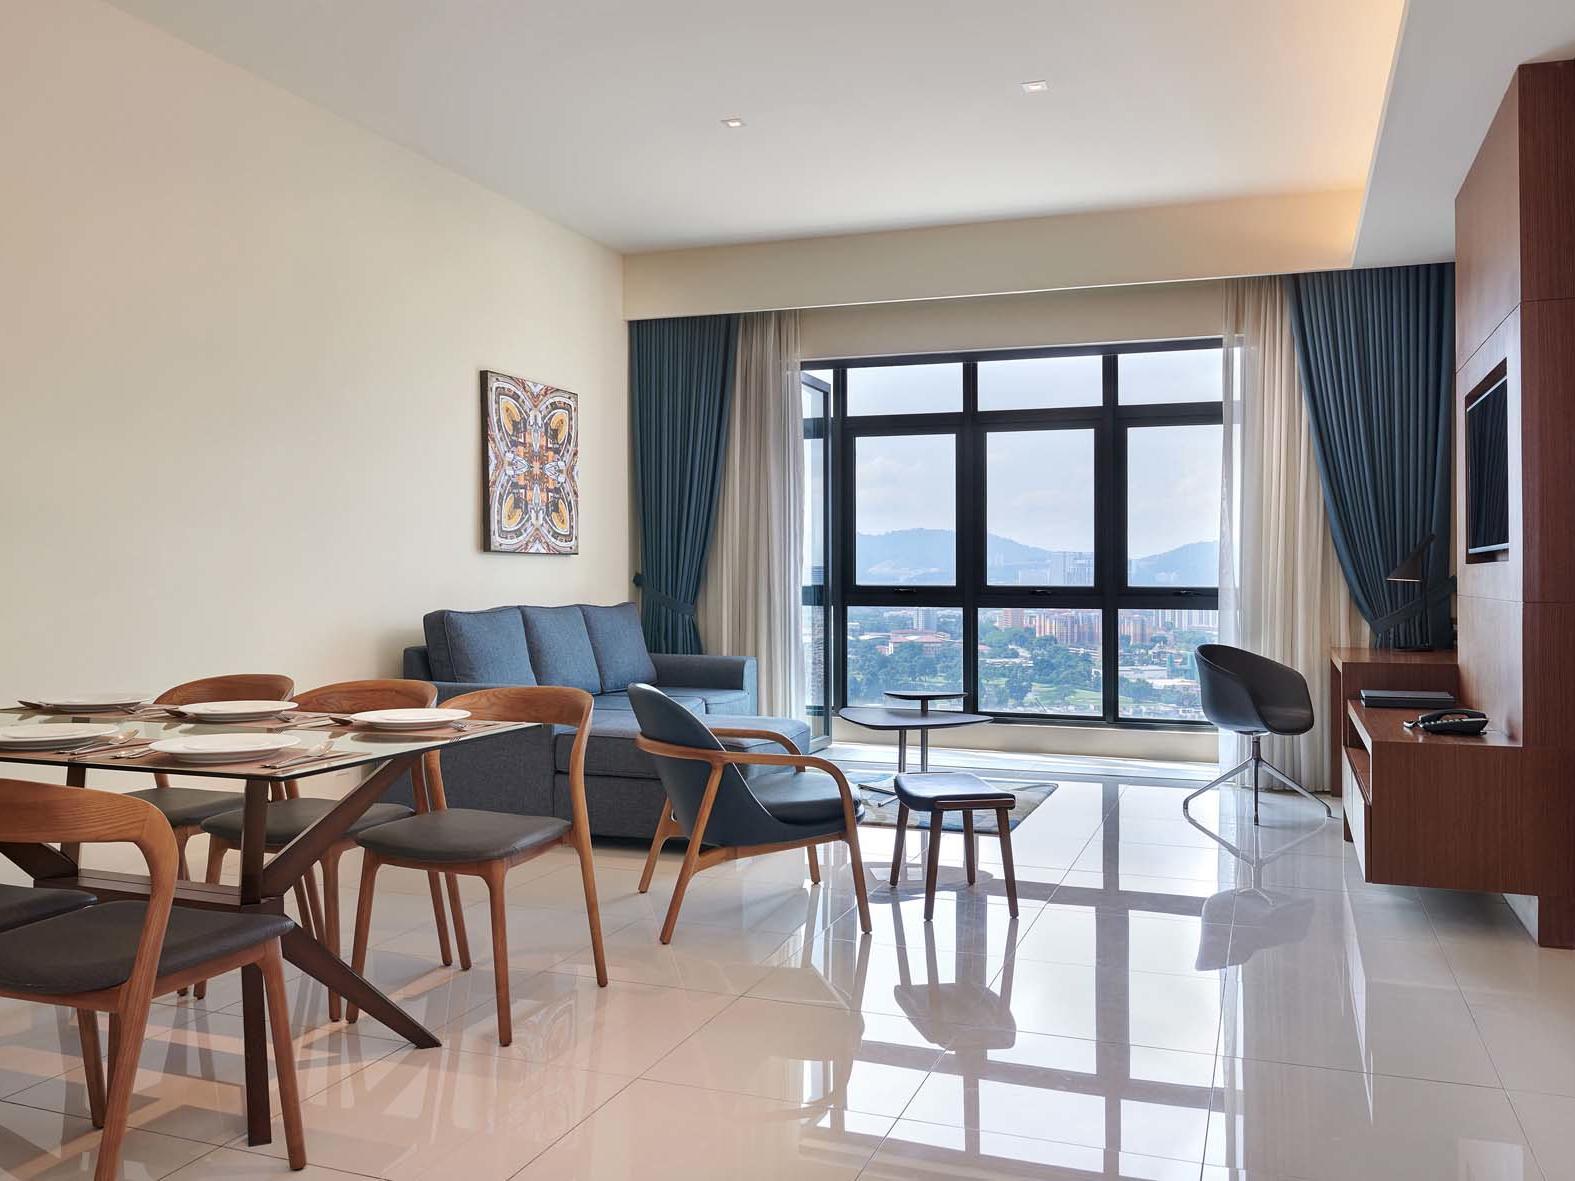 Executive Suite at Tribeca Serviced Apartments in Jalan Imbi, Kuala Lumpur